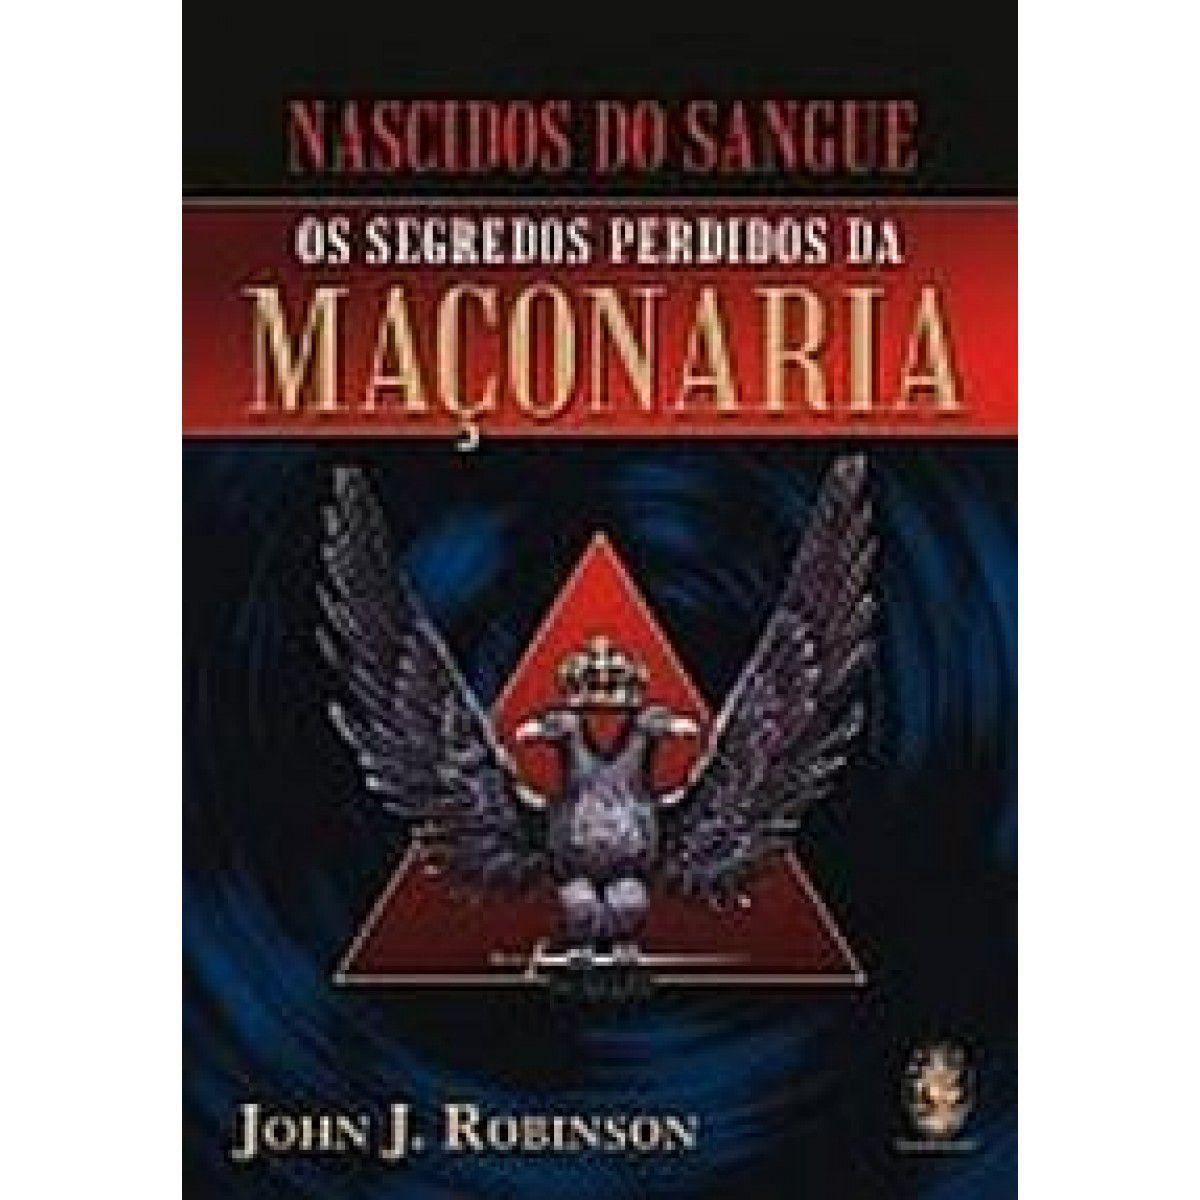 NASCIDOS DO SANGUE - OS SEGREDOS PERDIDOS DA MAÇONARIA